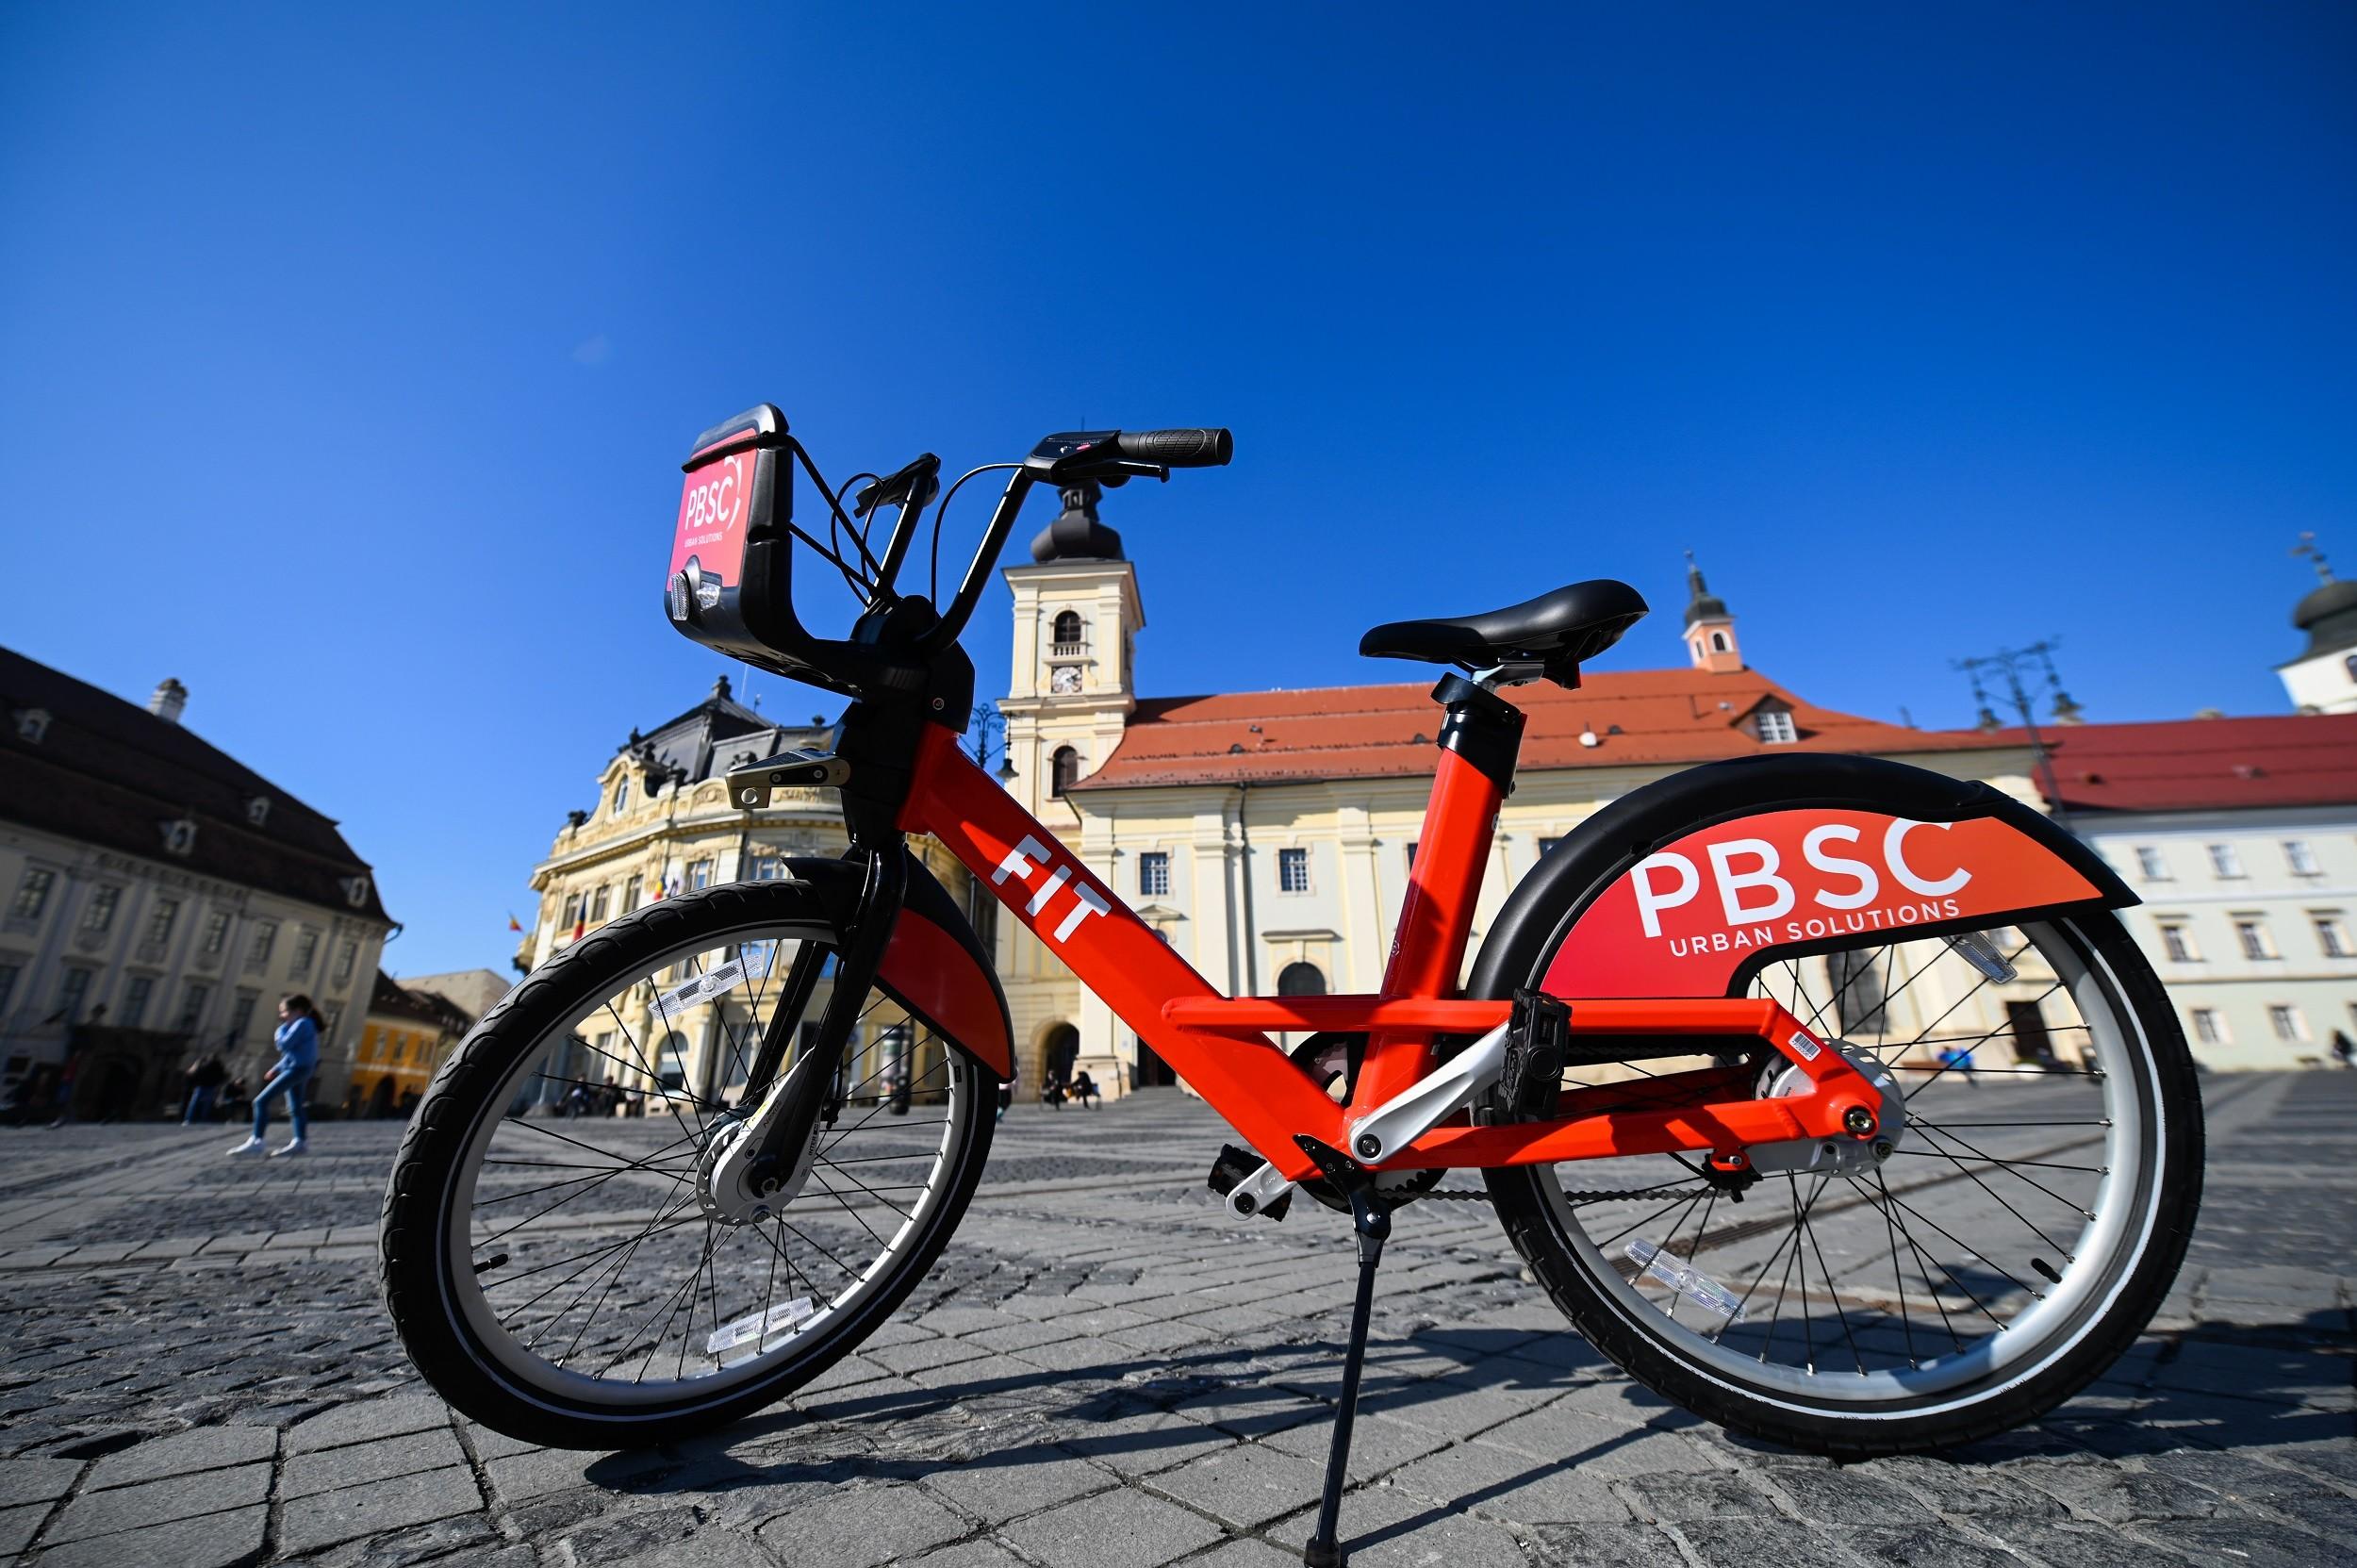 Primăria Sibiu începe amenajarea a 44 de centre publice pentru închirieri de biciclete